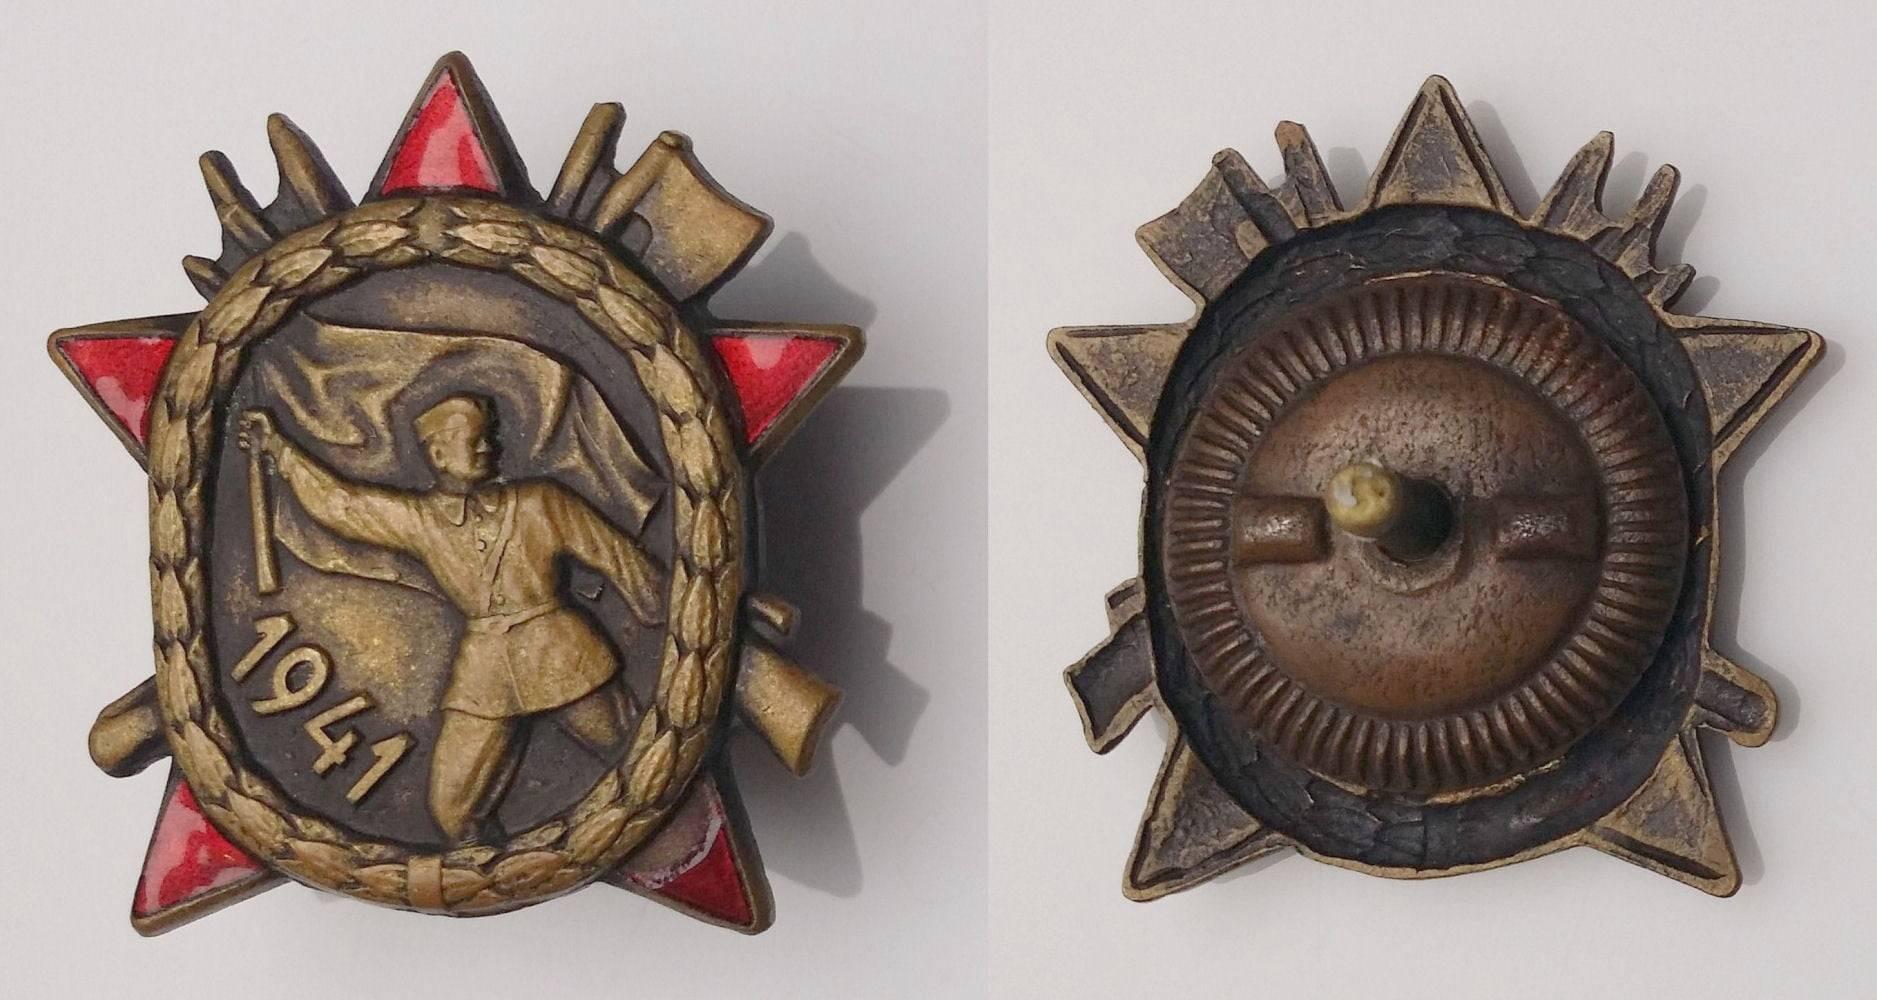 Otkup odlikovanja: Jugoslavensko odlikovanjePartizanska spomenica (ruski tip)